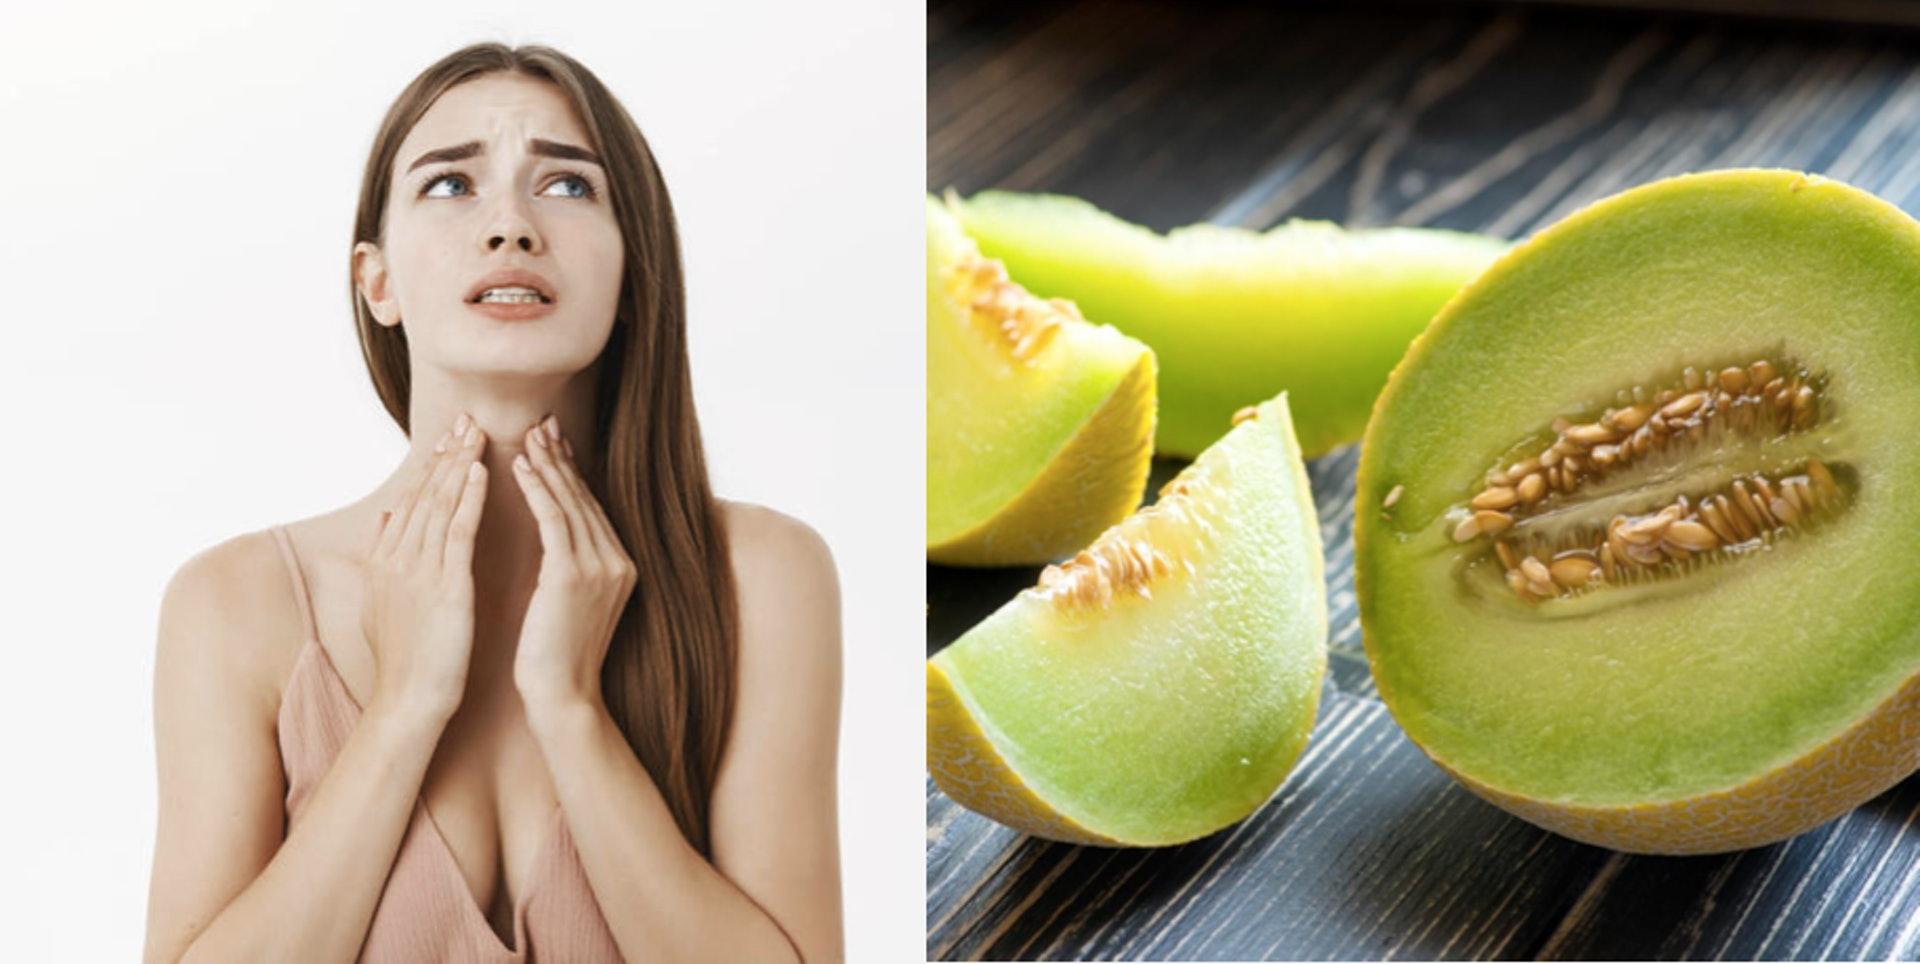 吃了新鮮切好的蜜瓜後喉嚨痕癢,並非輕微食物中毒,那麼原因是甚麼?(圖片:health.ltn、hk01)